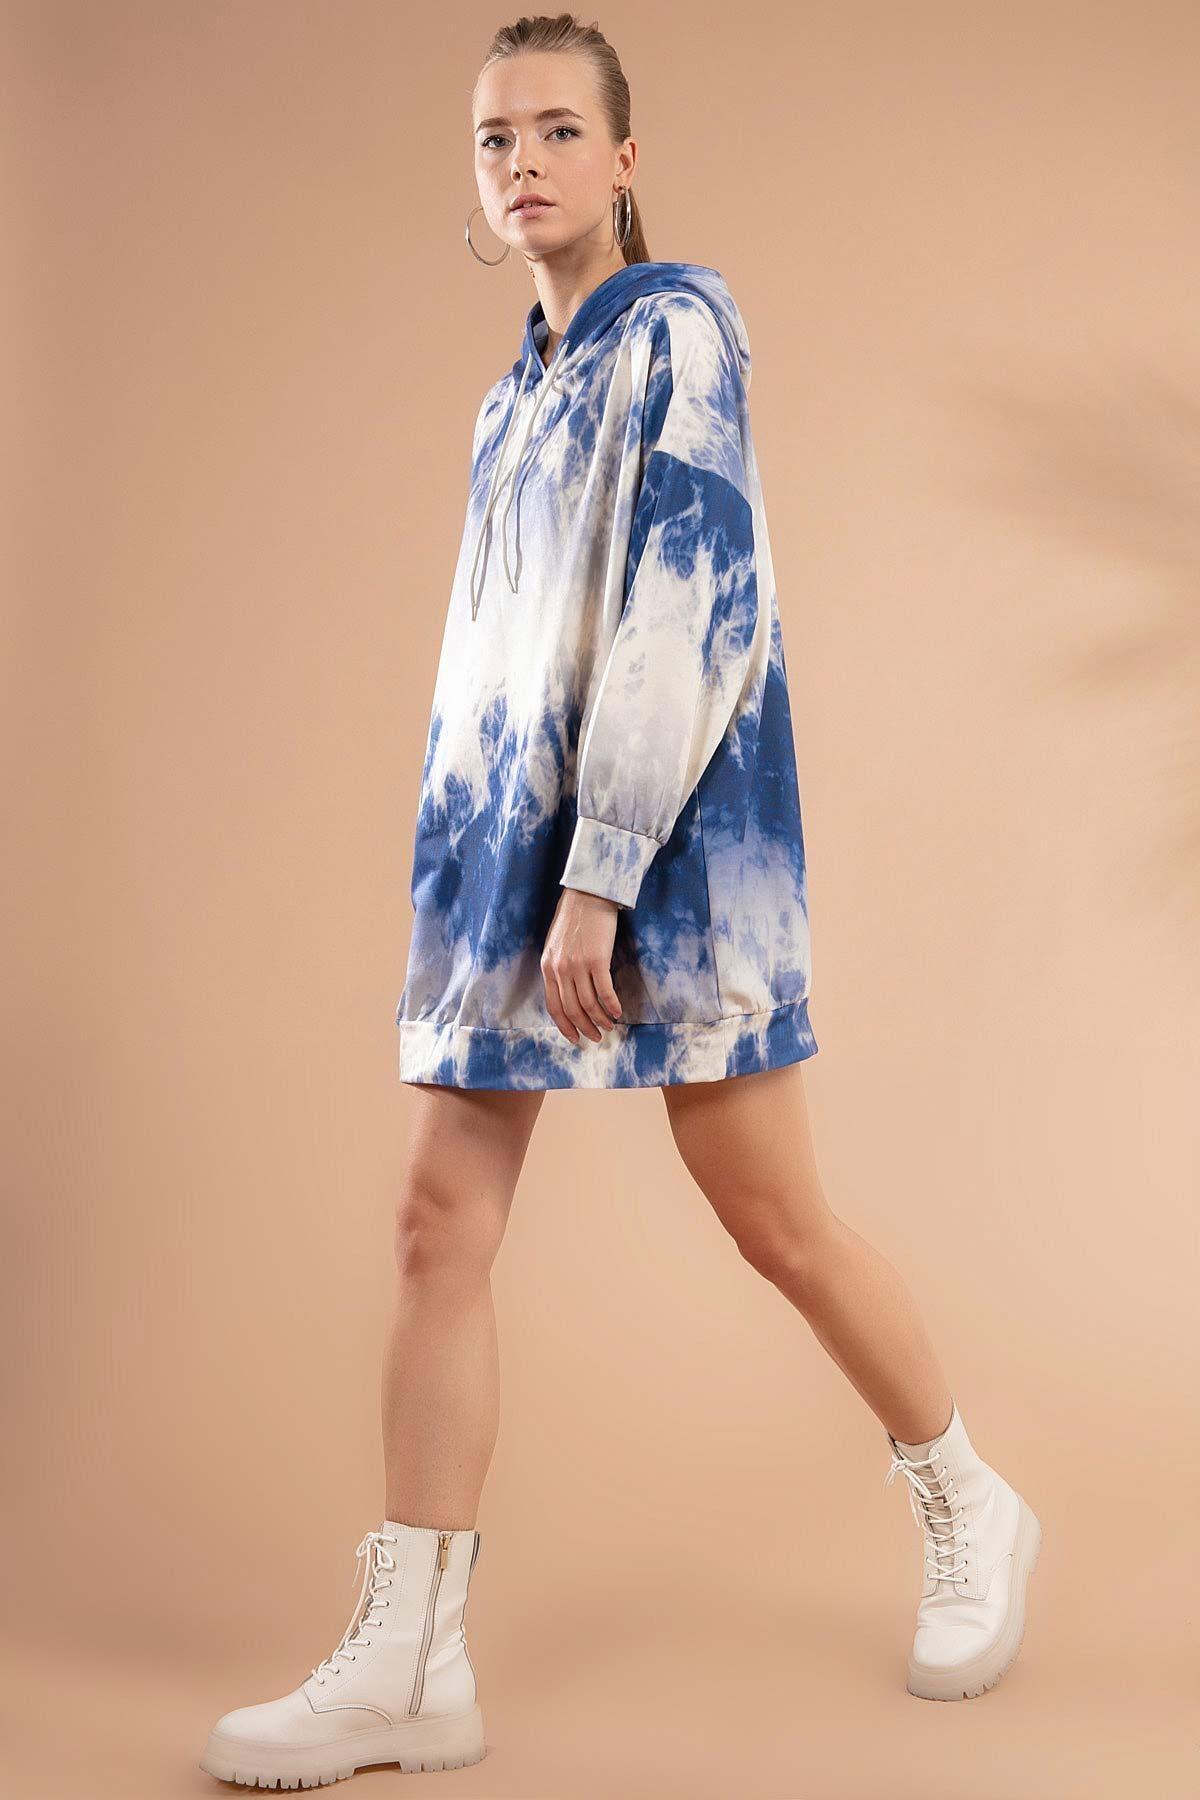 Pattaya Kadın Baskılı Kapşonlu Sweatshirt Elbise P20w-4125-3 2